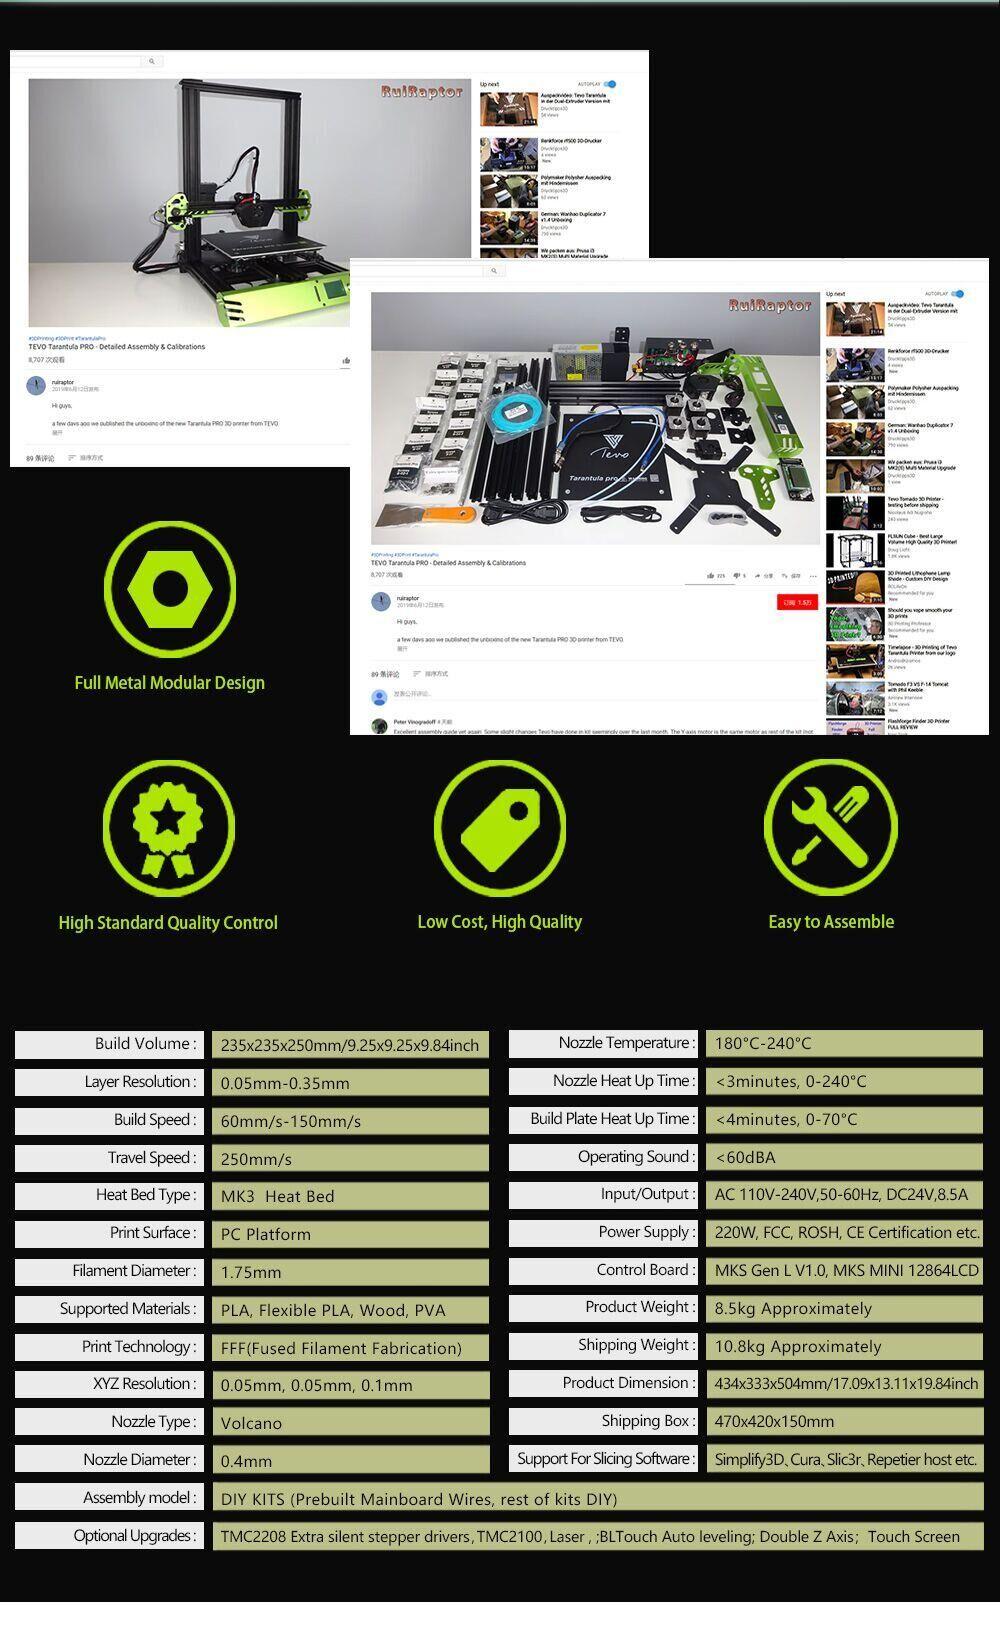 TEVO TARANTULA PRO 3D Printer Kit with 235x235x250mm Printing Size MKS GenL Mainboard 0.4mm Volcano Nozzle Supports 1.75mm Filament